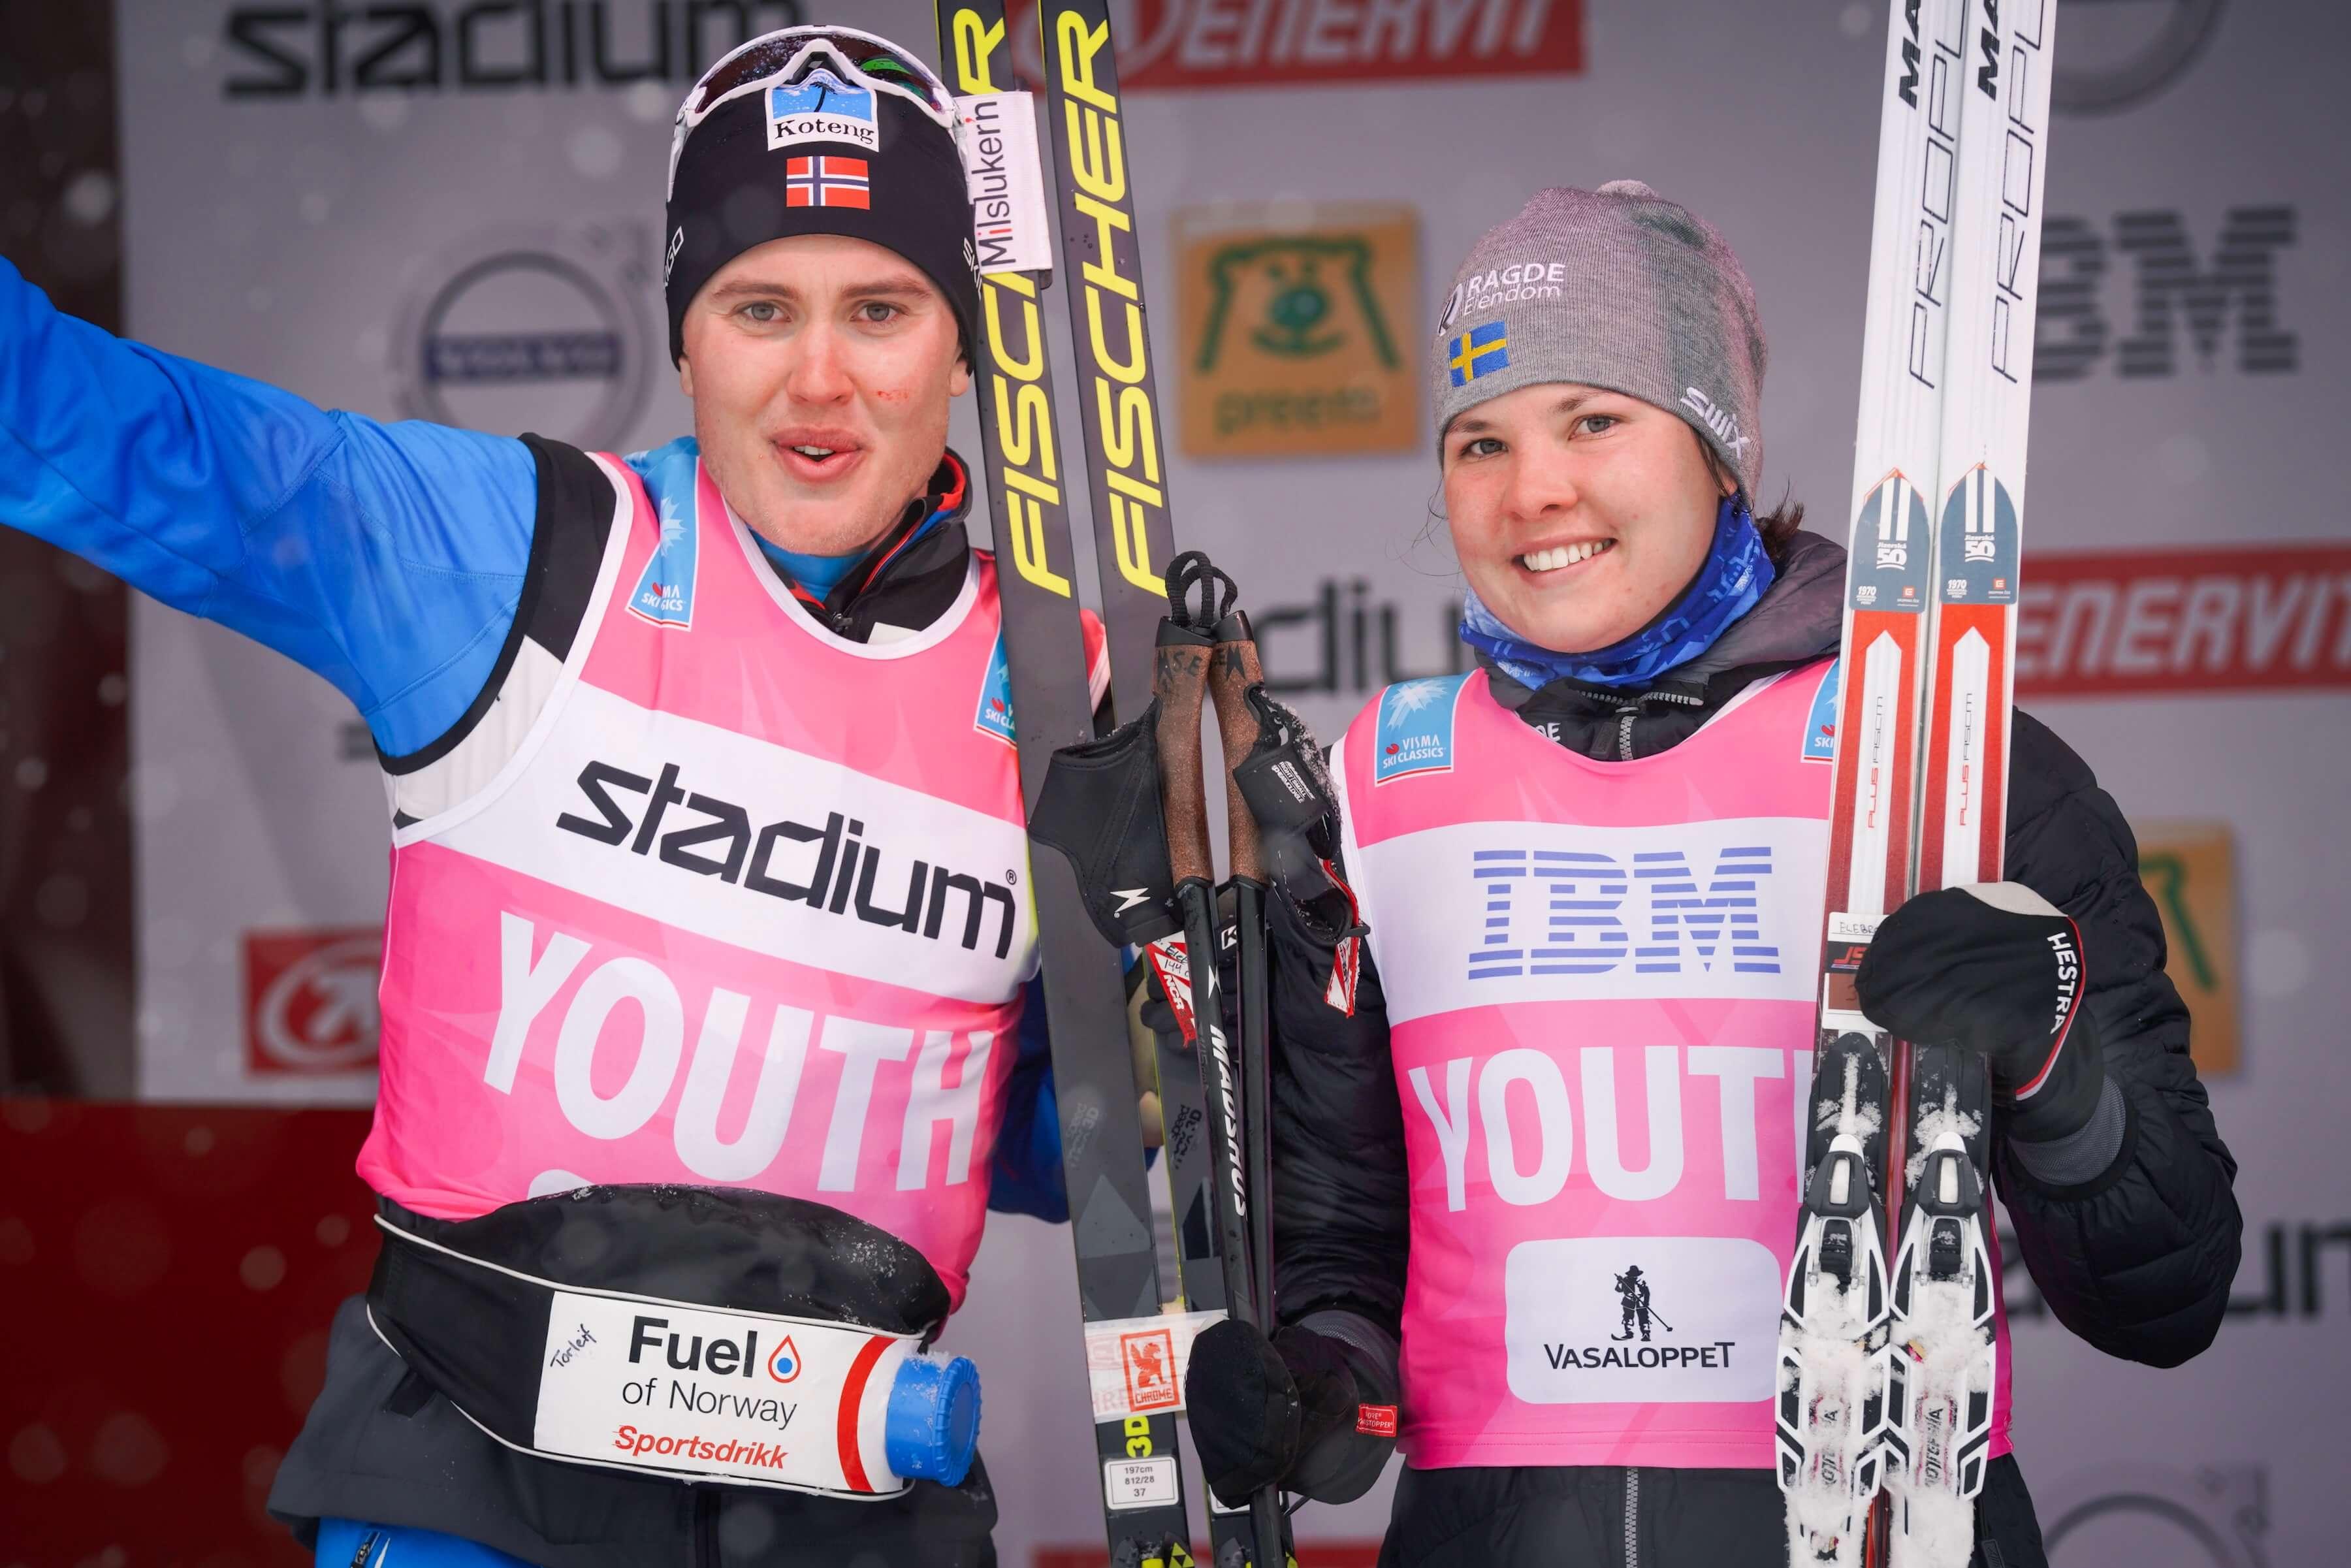 Шведская Васалоппет (Vasaloppet) — самая длинная трасса в мире для лыжного марафона